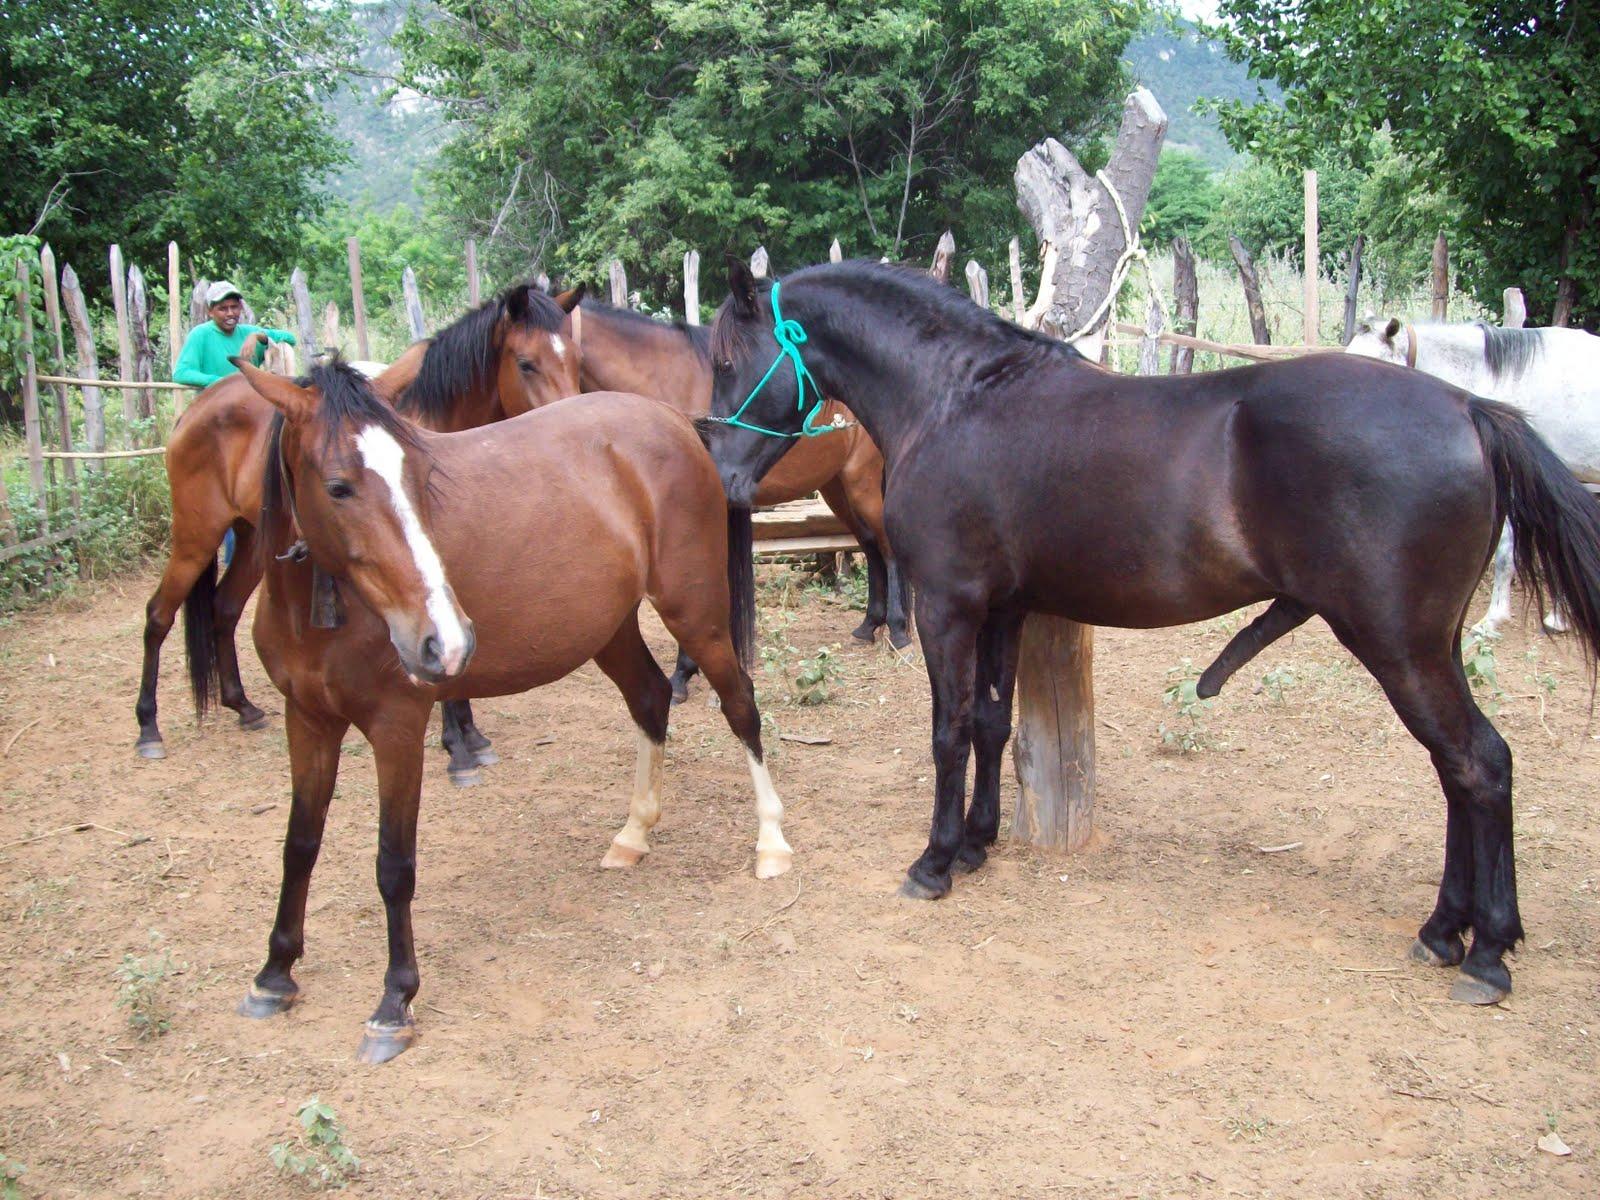 Fotos de cavalos cruzando com eguas 83